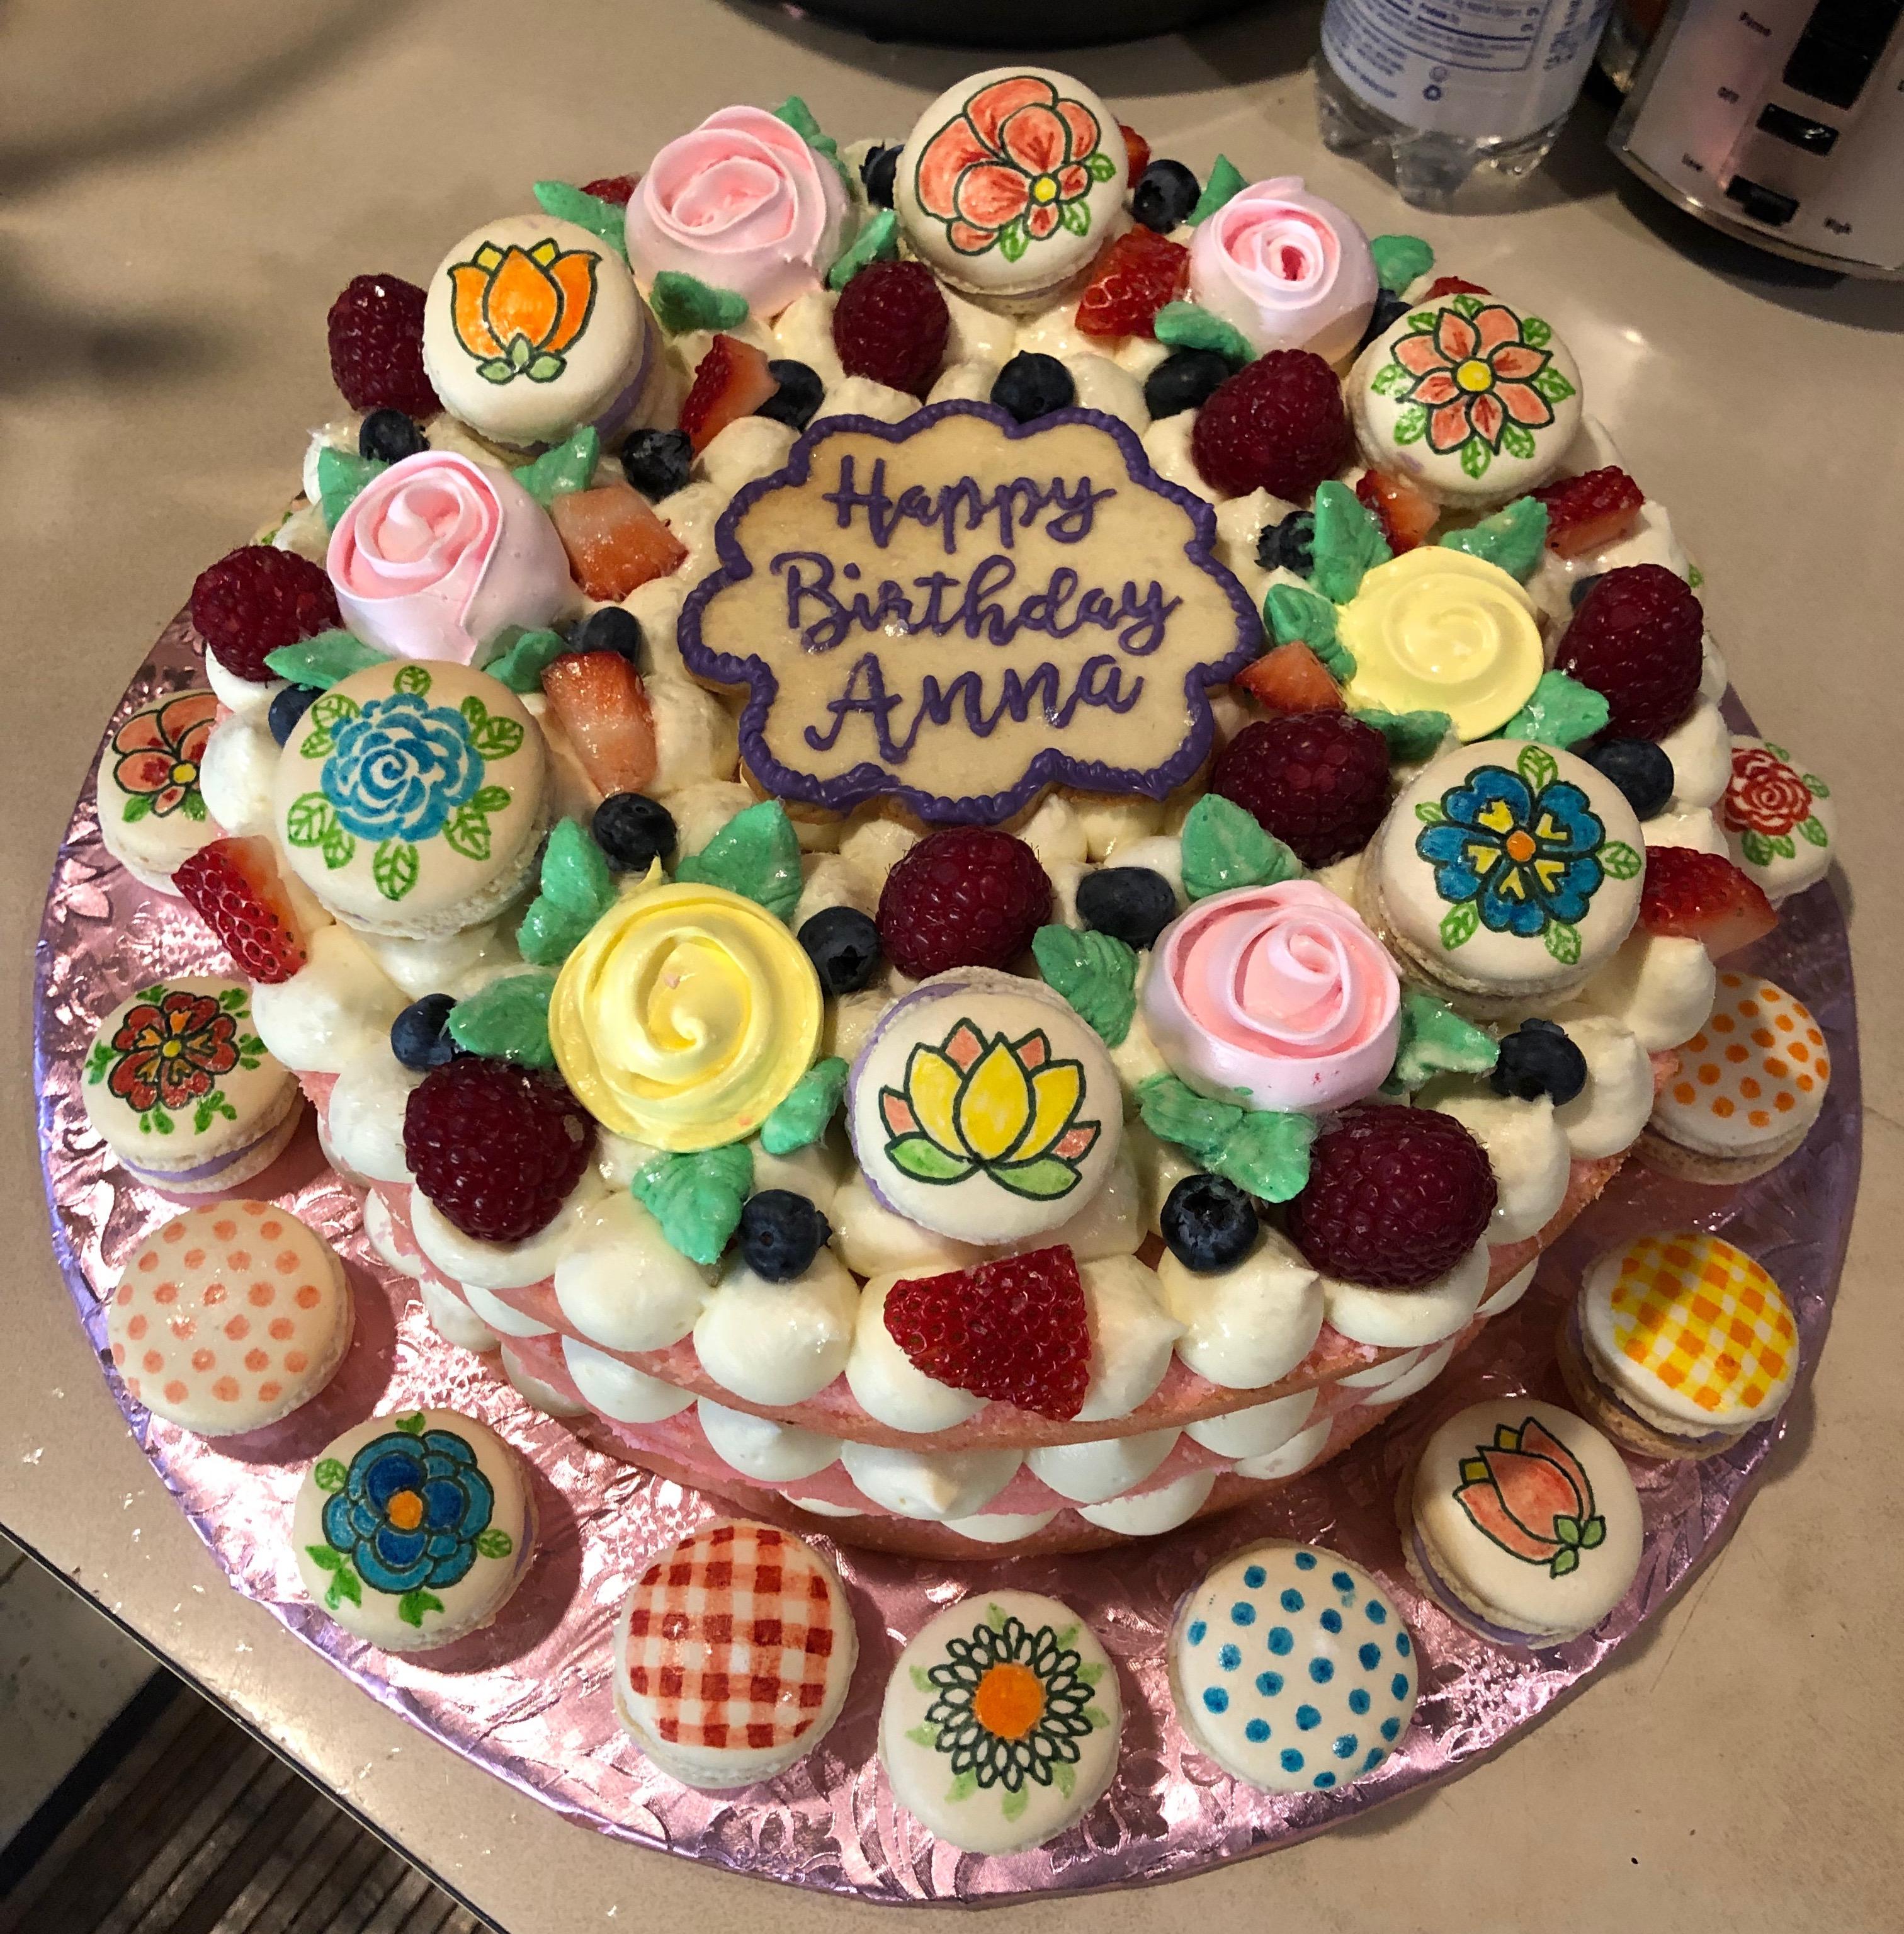 Springtime birthday cake